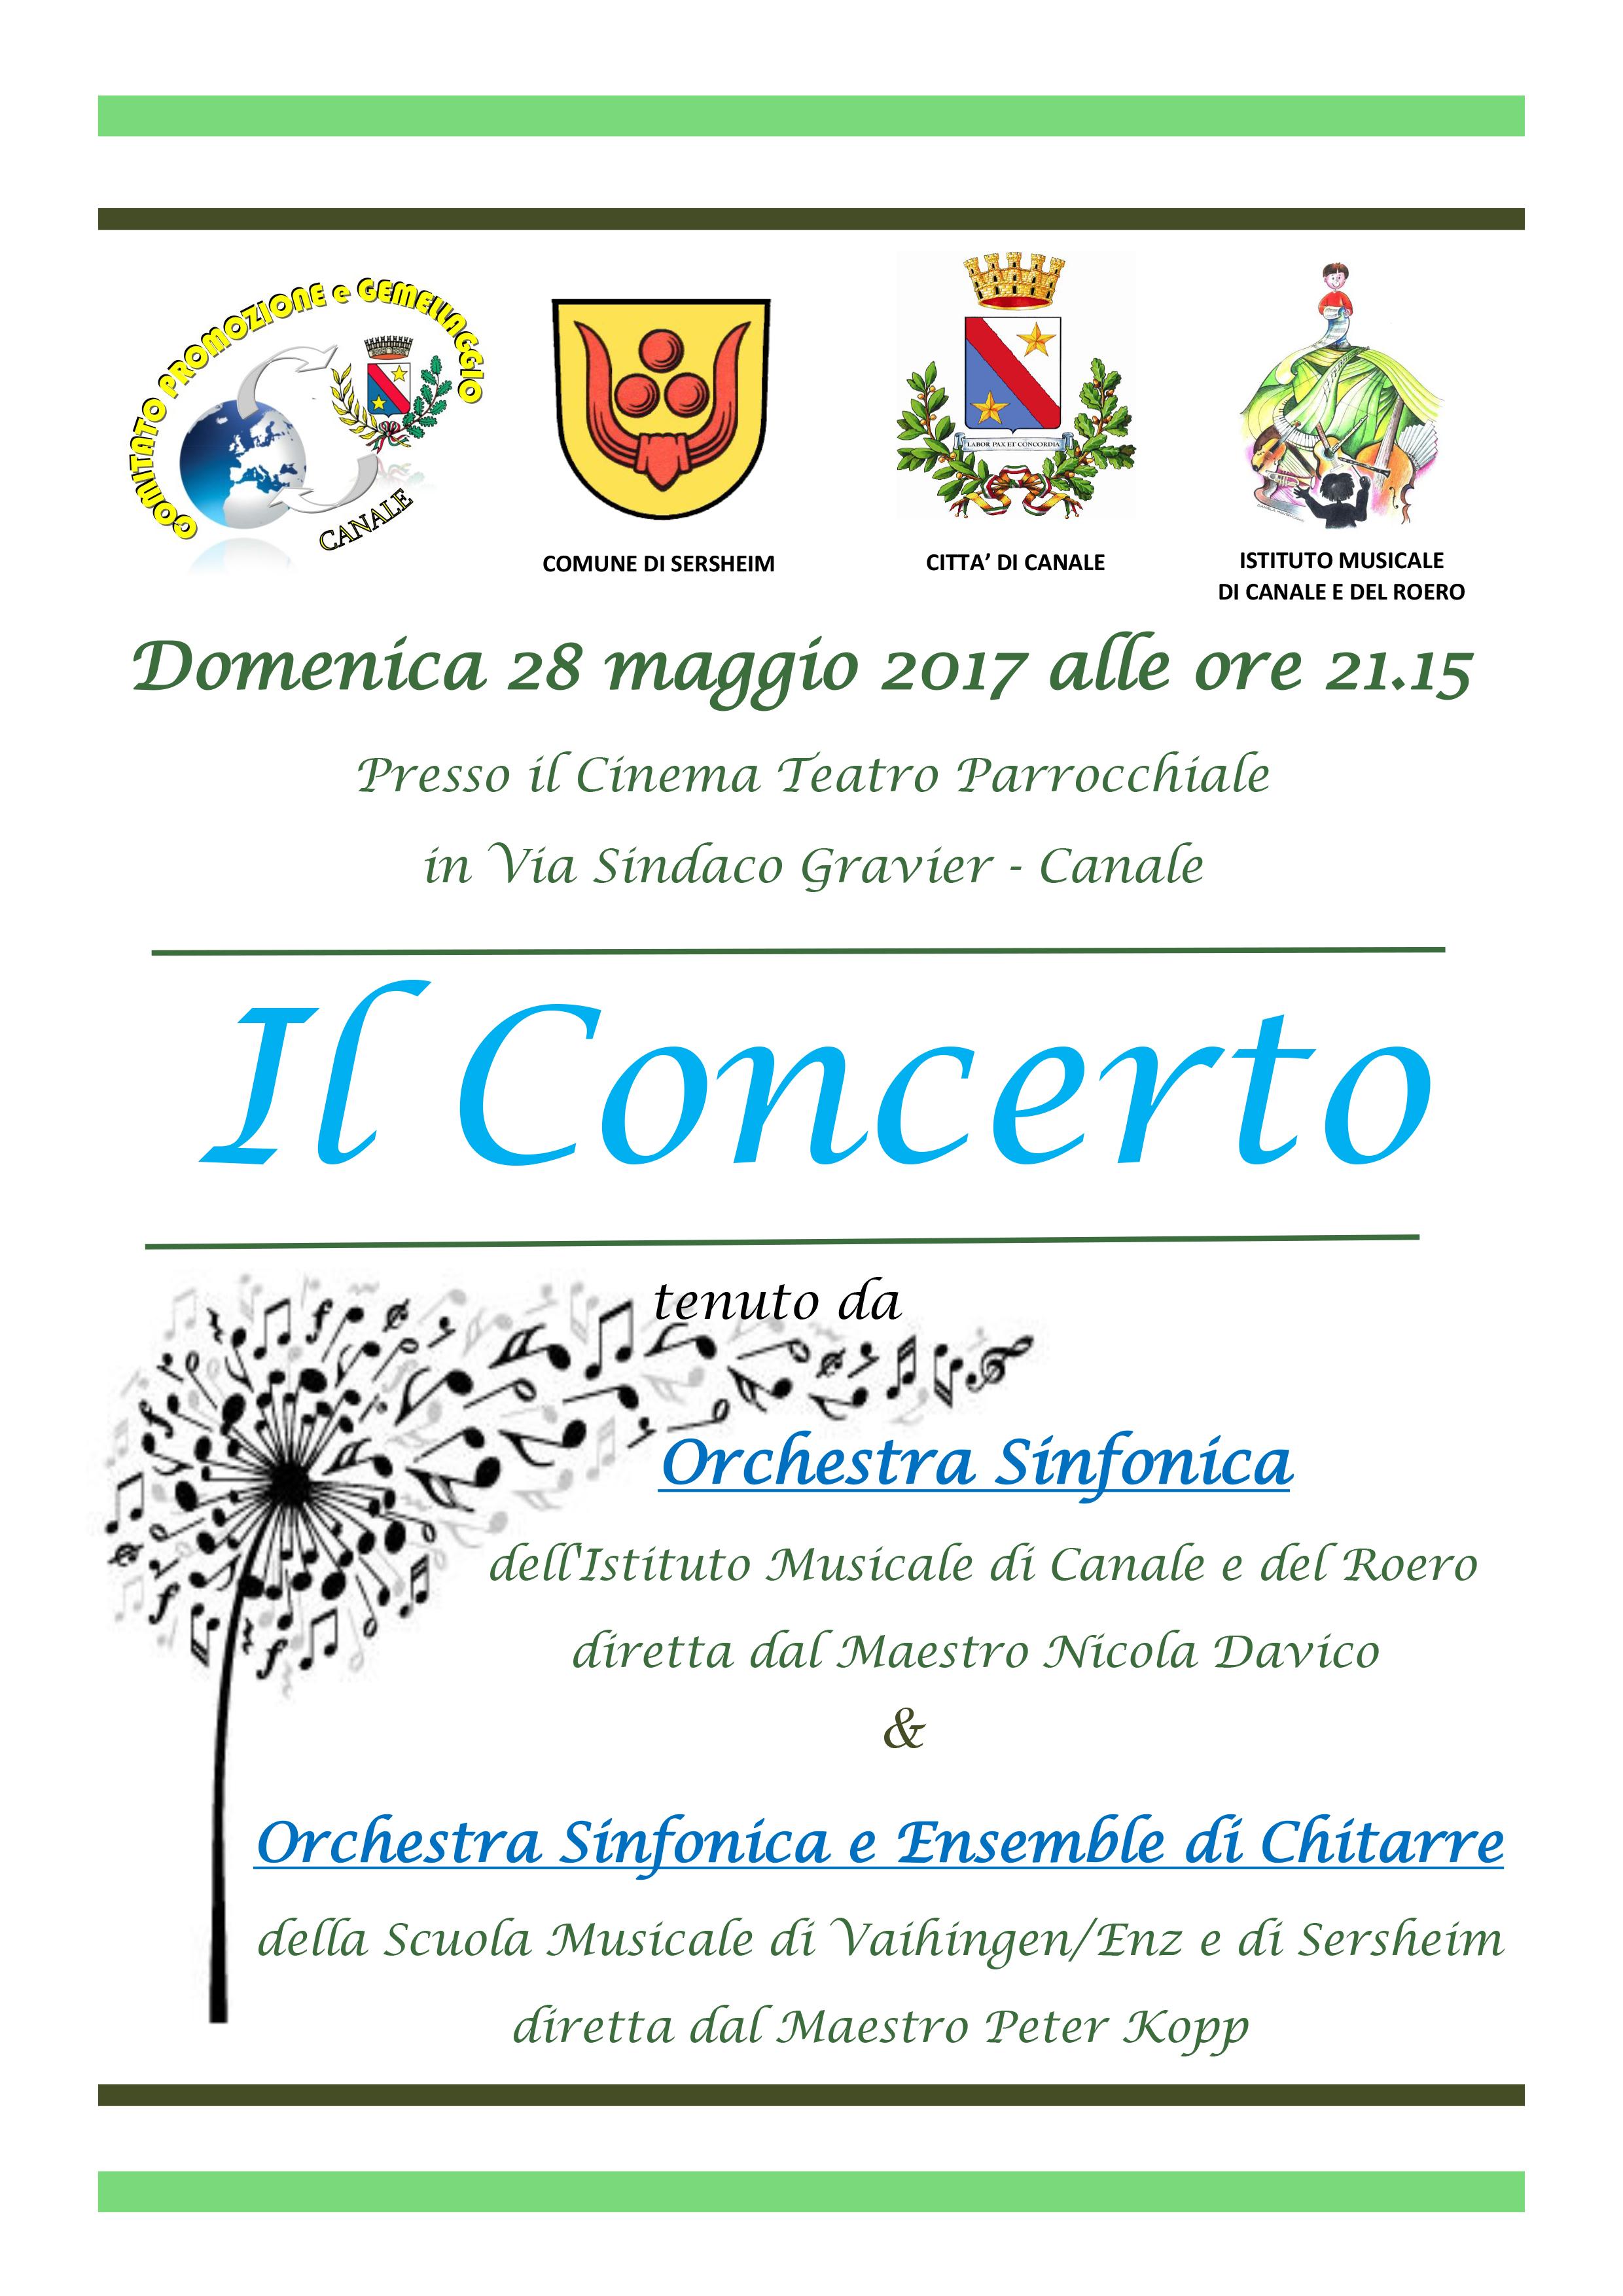 Concerto 28 maggio